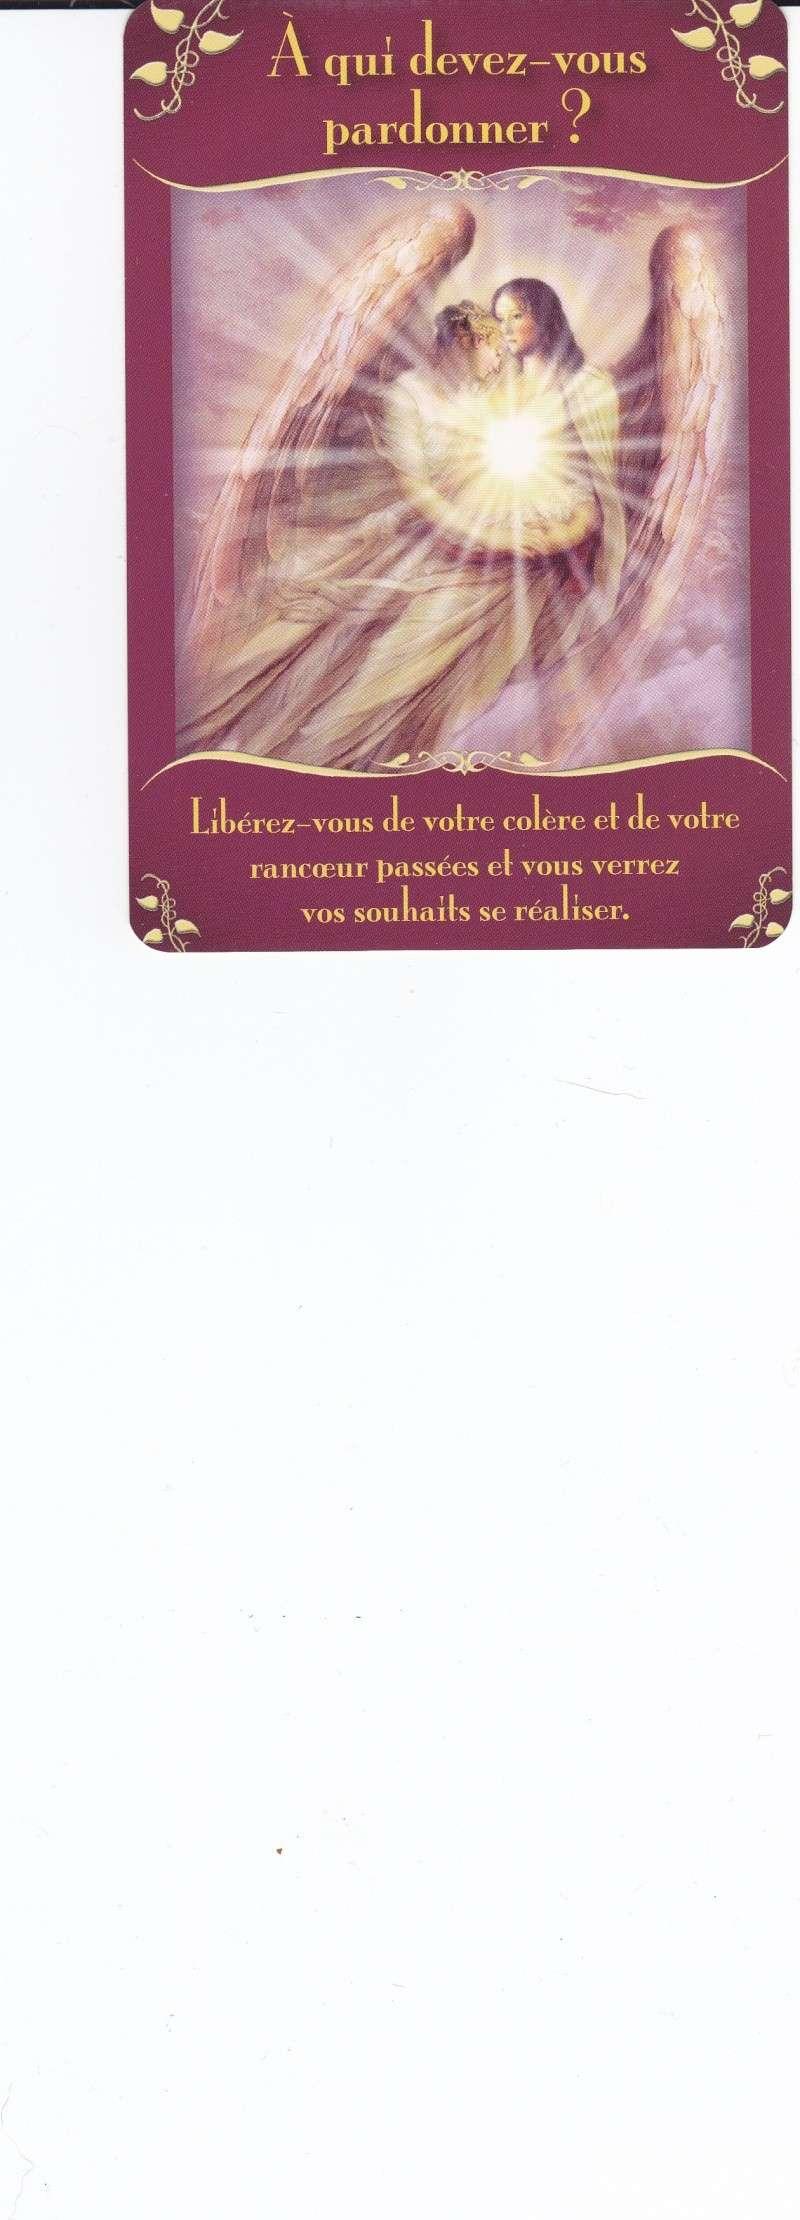 MESSAGES DES TAROTS DE JUILLET - Page 5 Img42